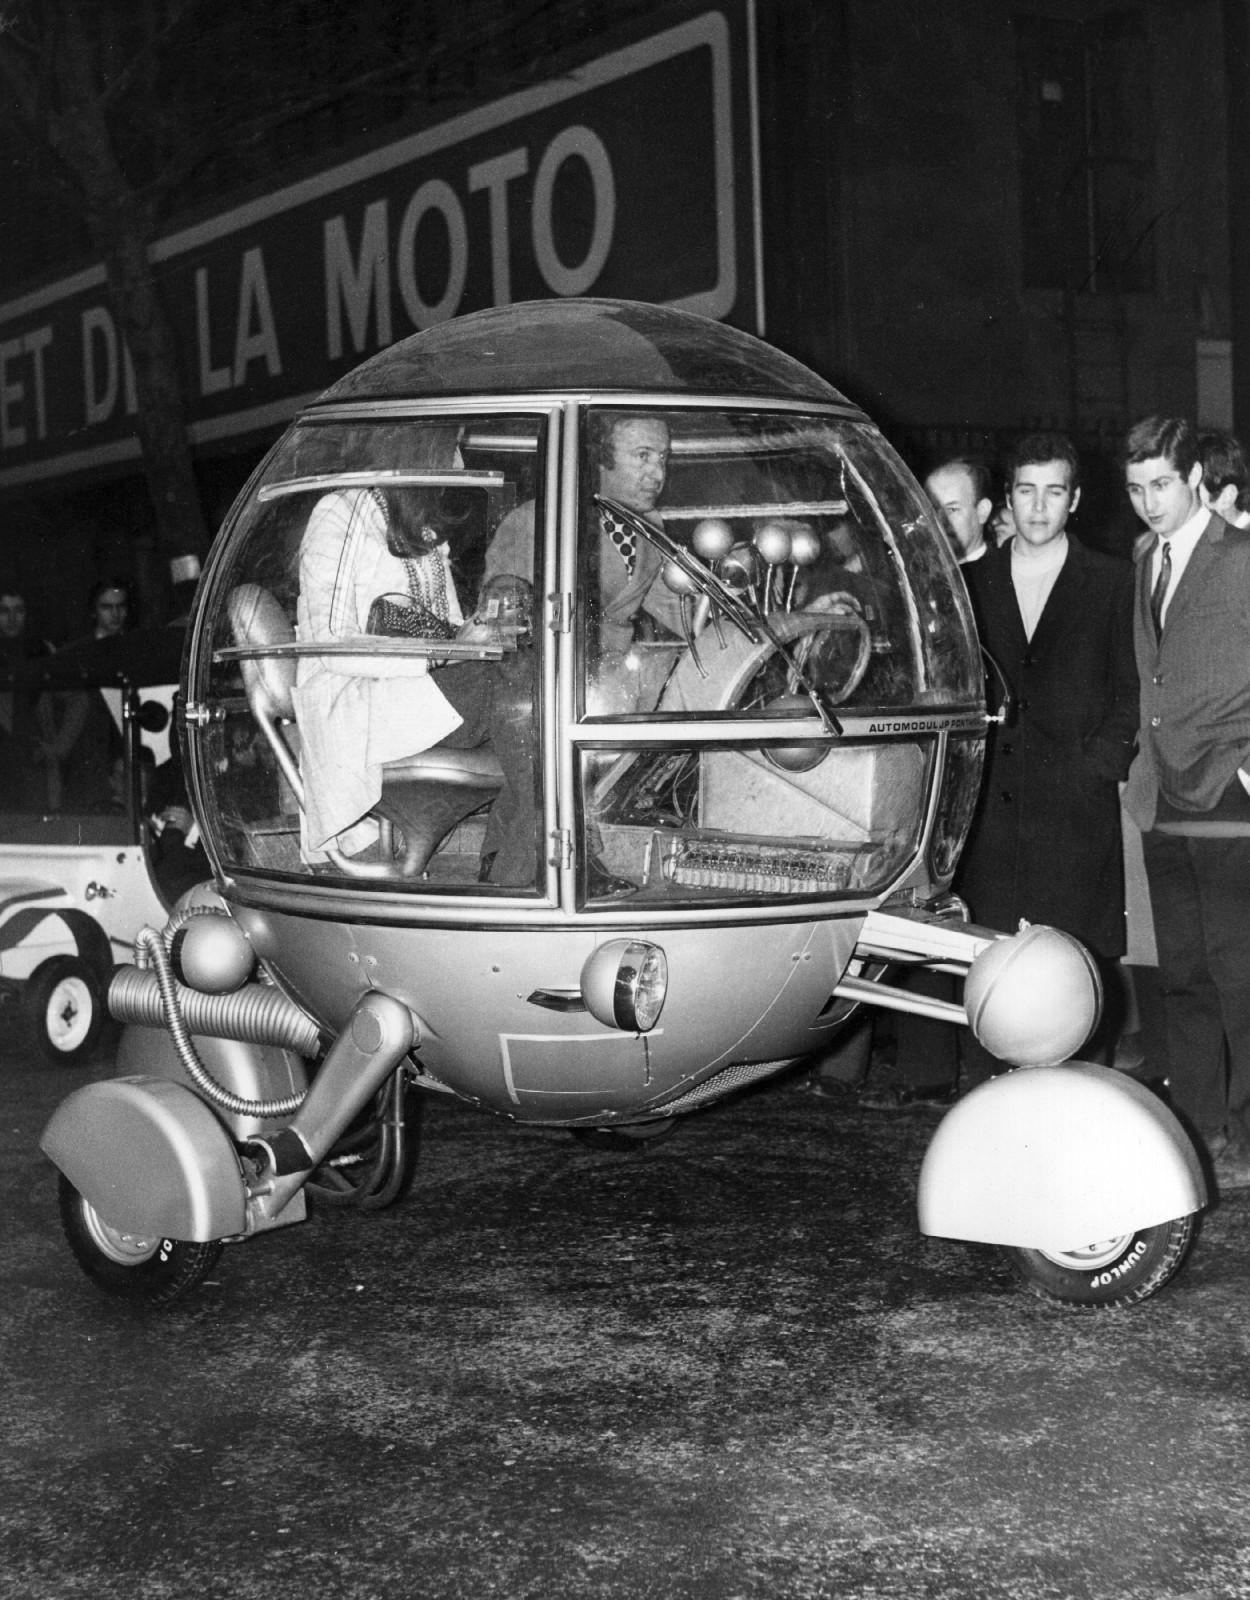 Самые невероятные транспортные средства, созданные человечеством